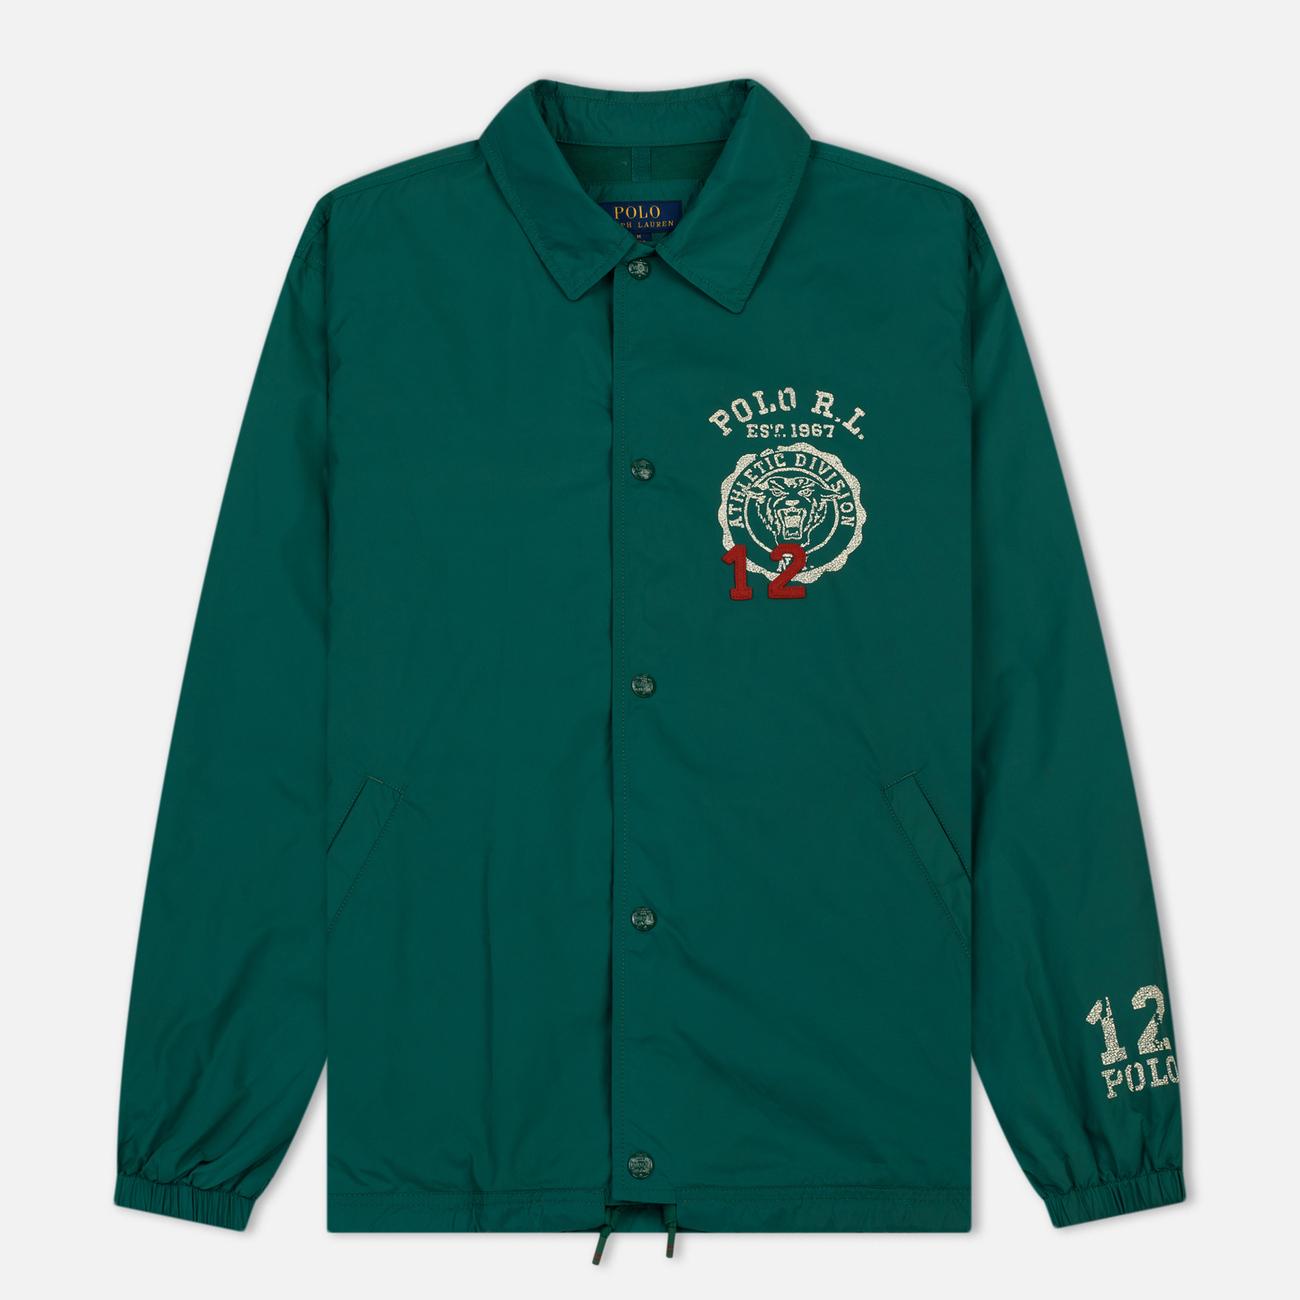 Мужская куртка Polo Ralph Lauren Coach Graphic Vintage Nylon Vermont Green